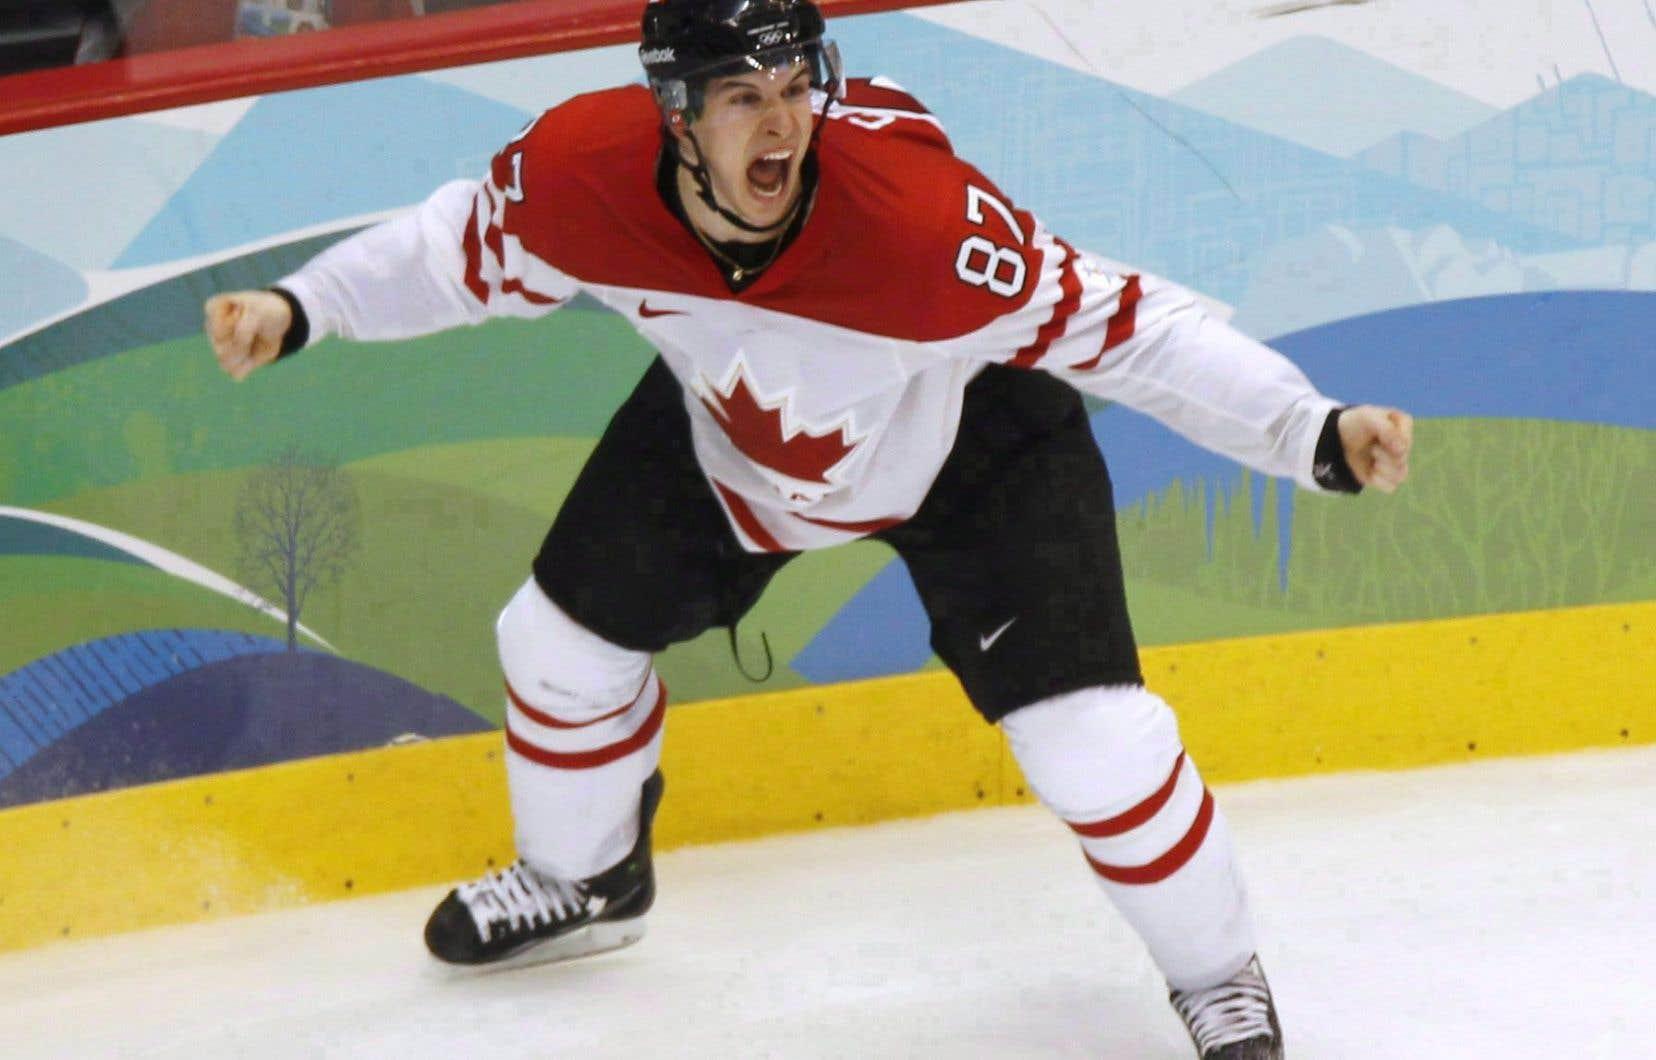 Le but de Crosby, le 28 février 2010 aux Jeux olympiques de Vancouver,représente sans aucun doute l'un des grands moments du sport canadien.